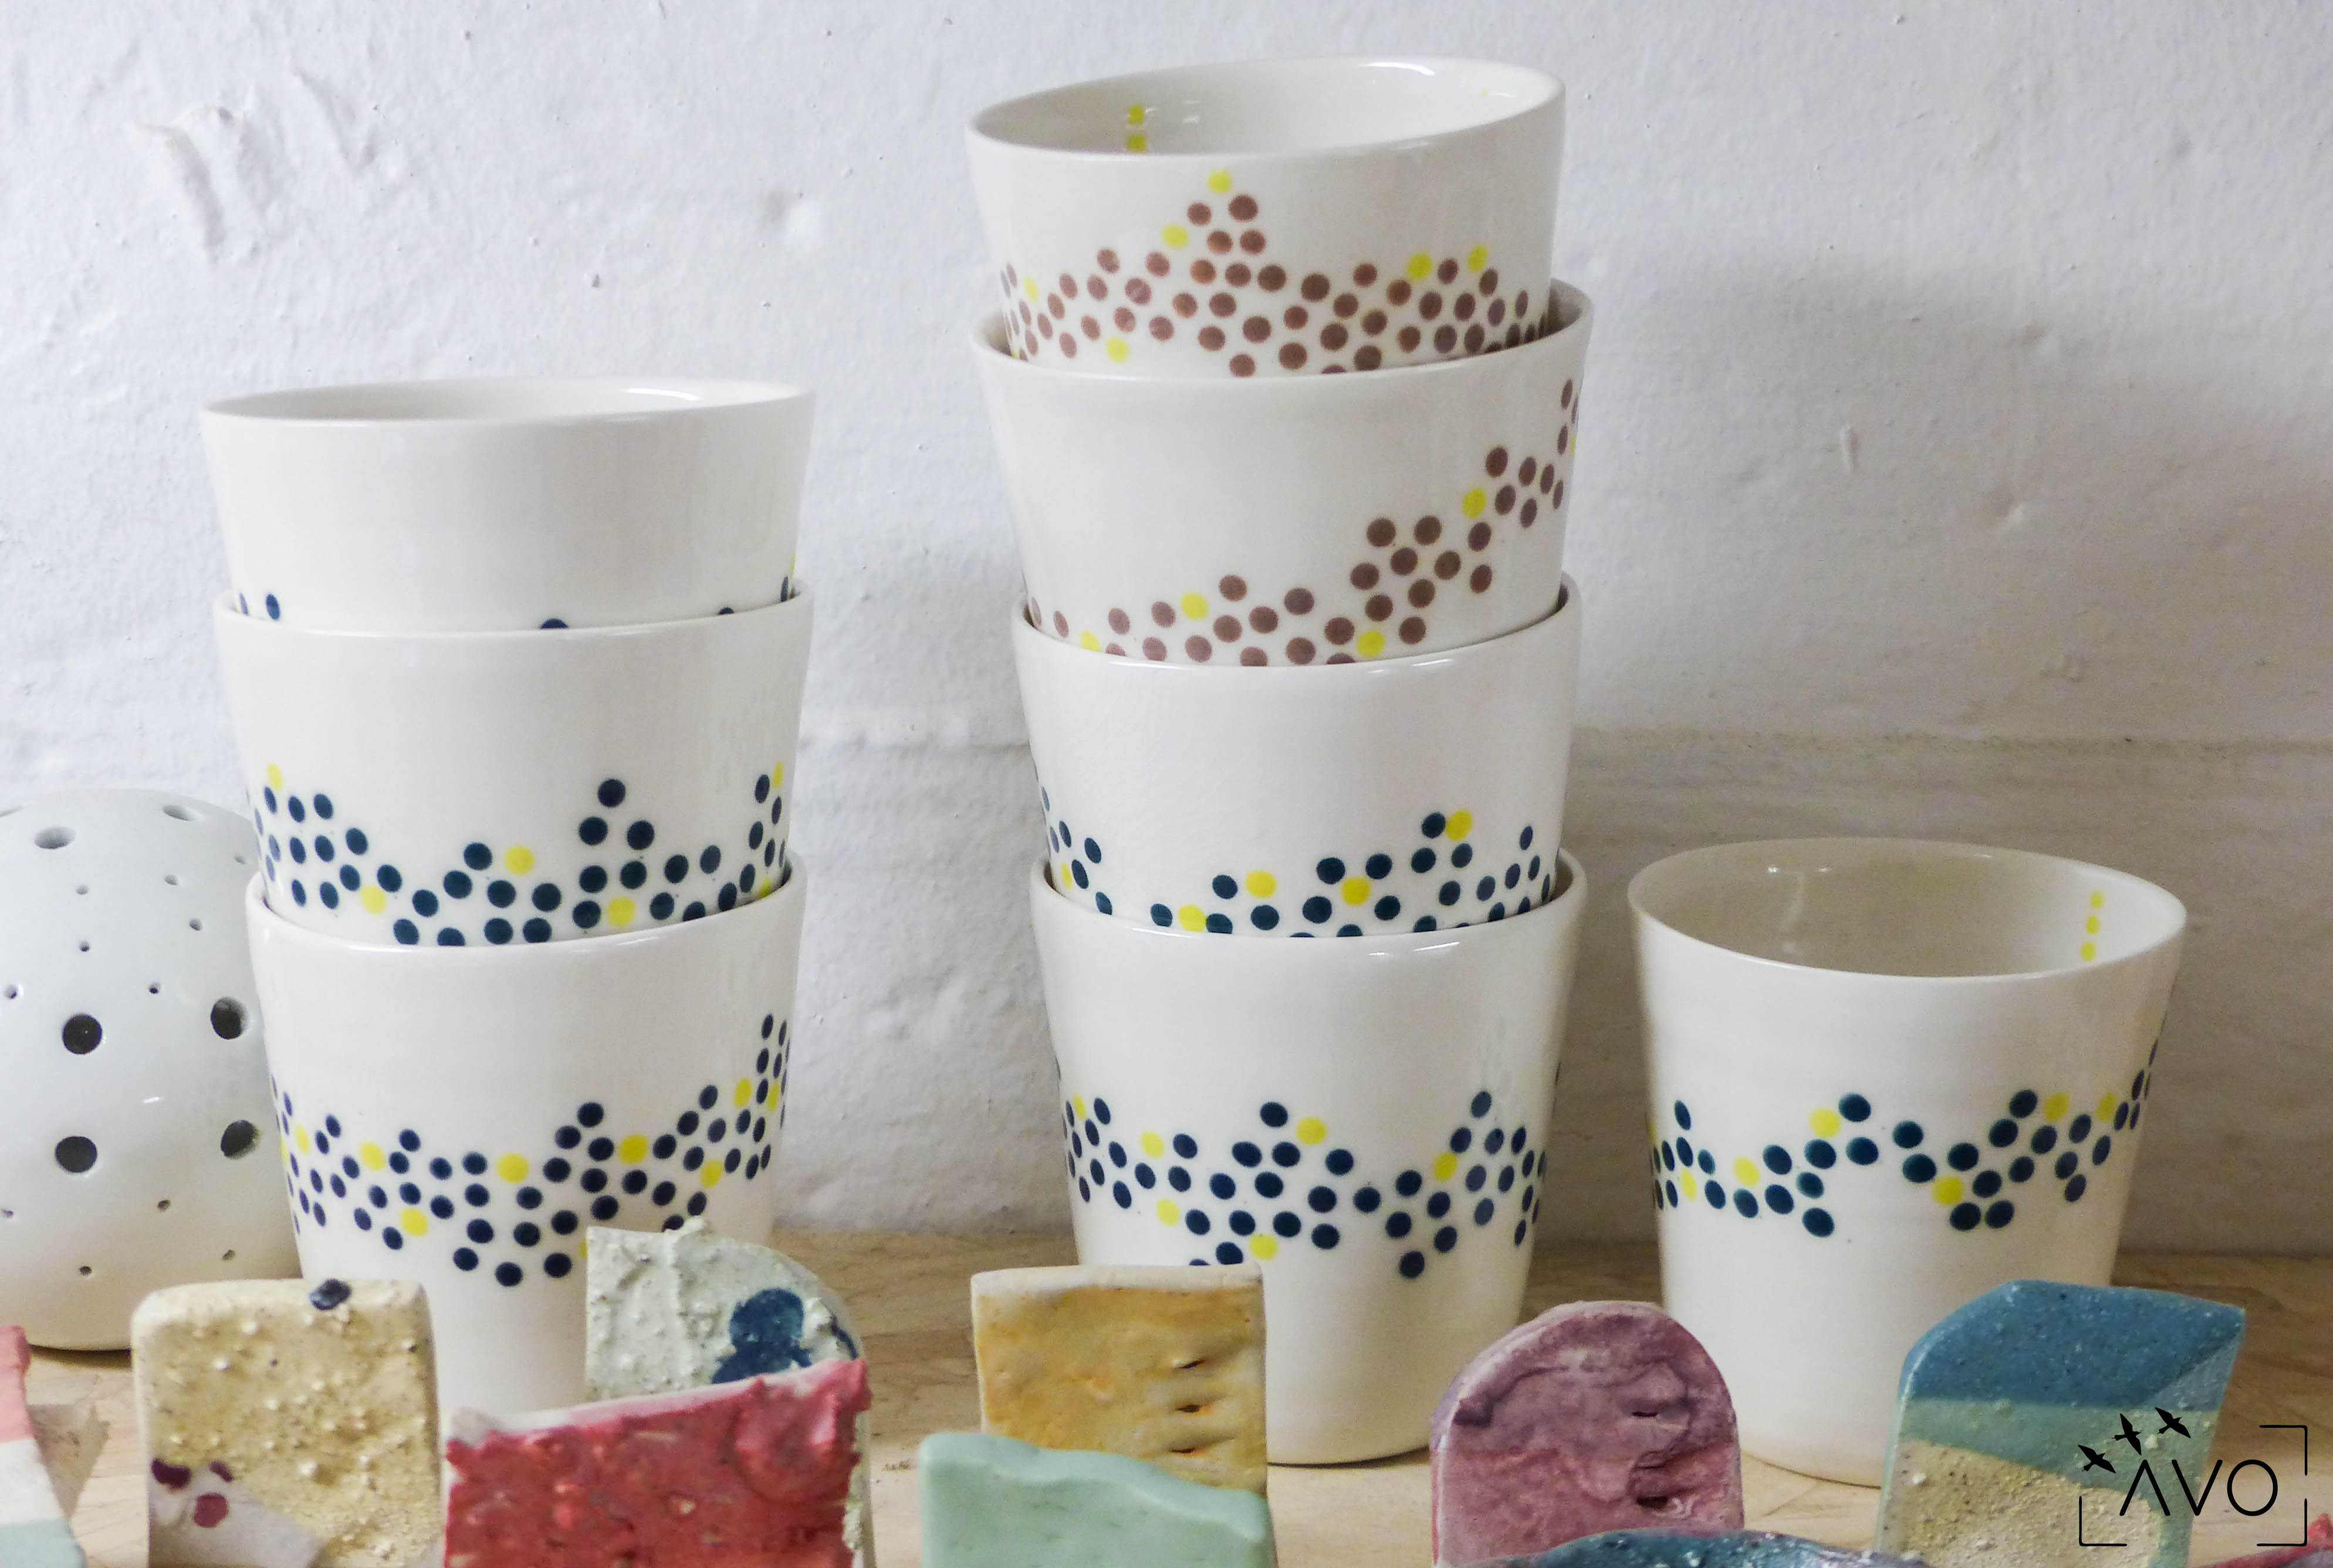 céramique tasse pois porcelaine caluire lyon abcéramique atelier blanc